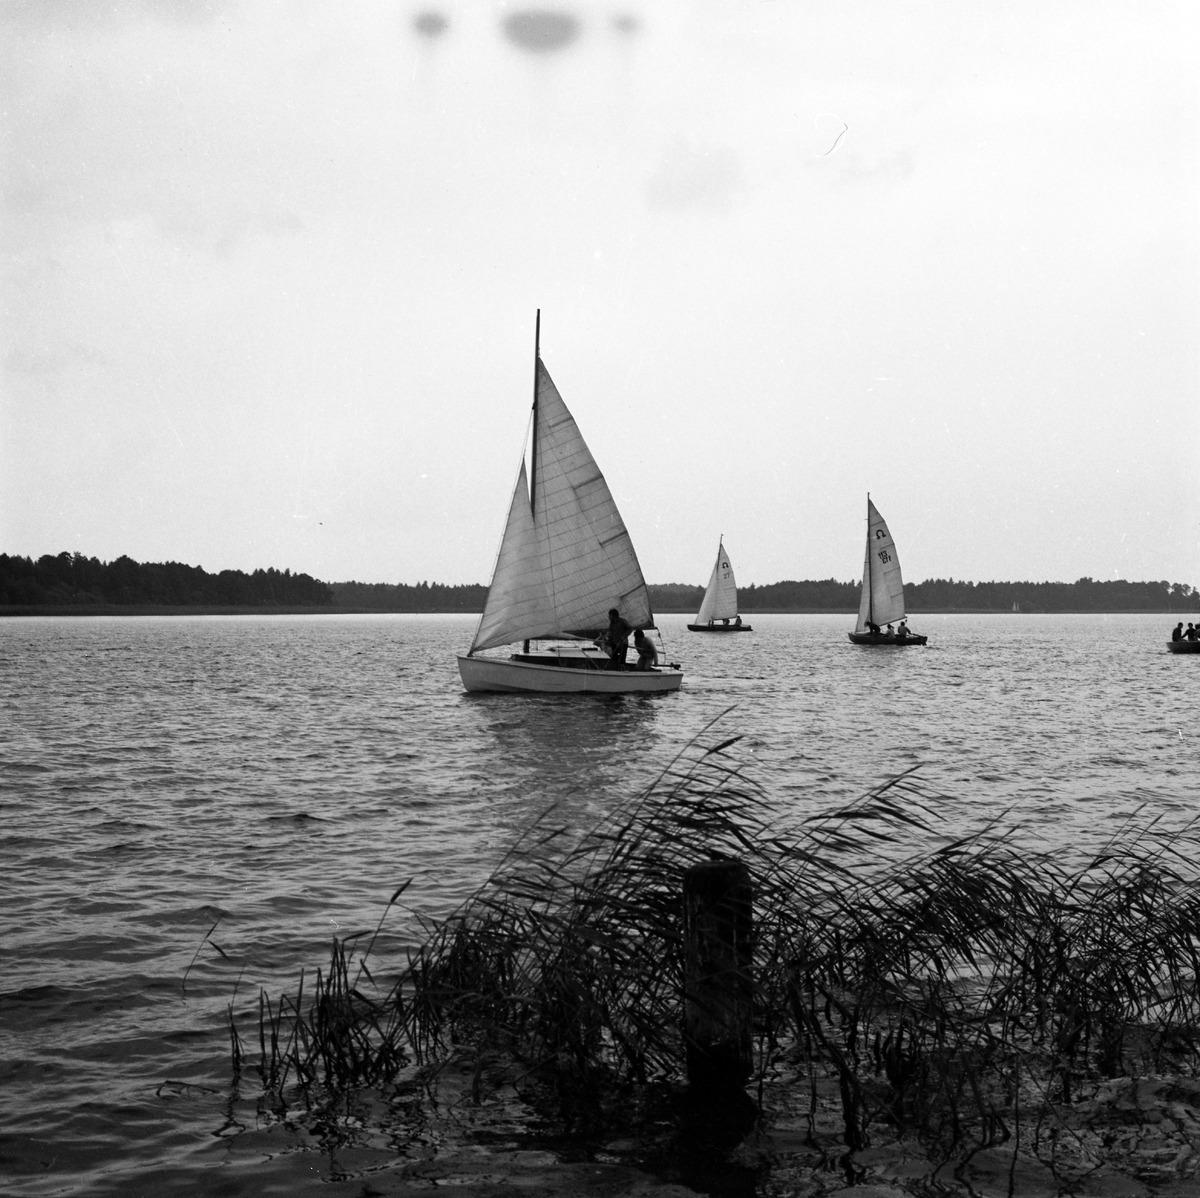 Jachty na Kisajnie [2]